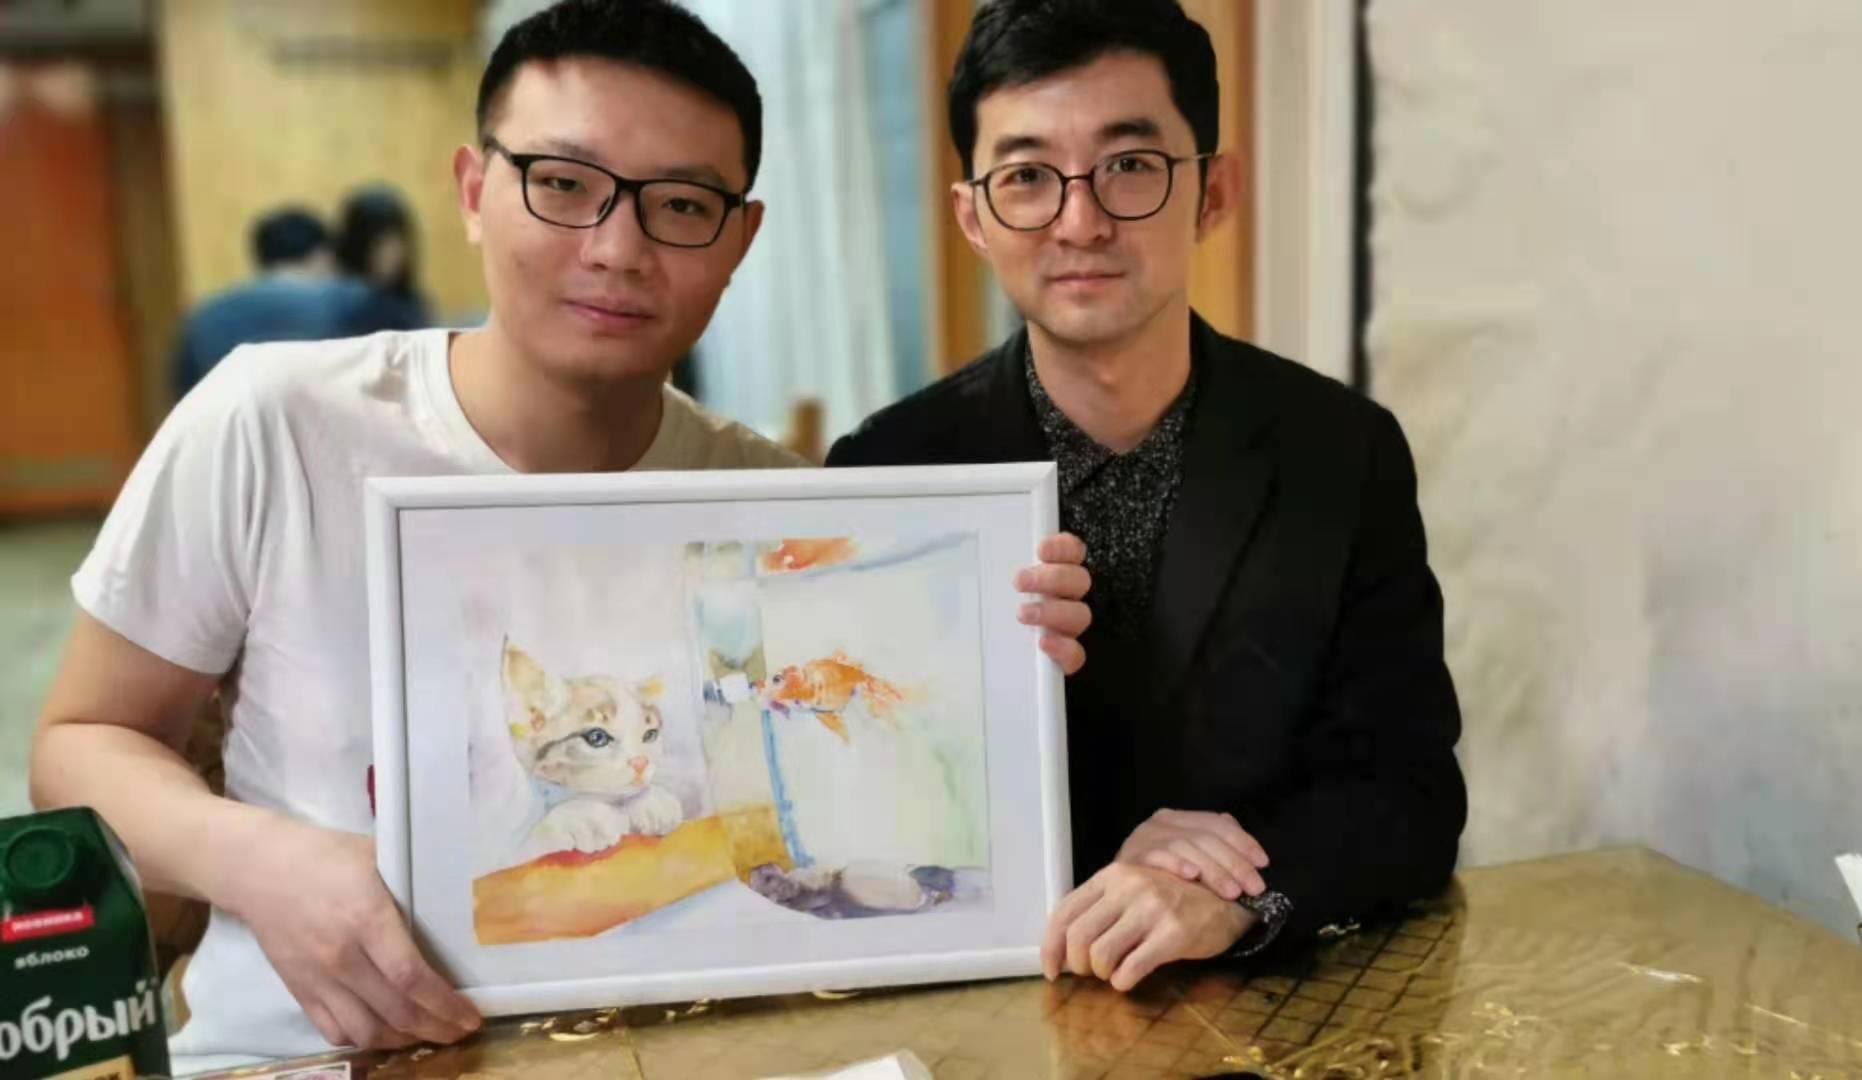 中国夫妻成功申请乌拉尔联邦大学副博士插图16-小狮座俄罗斯留学